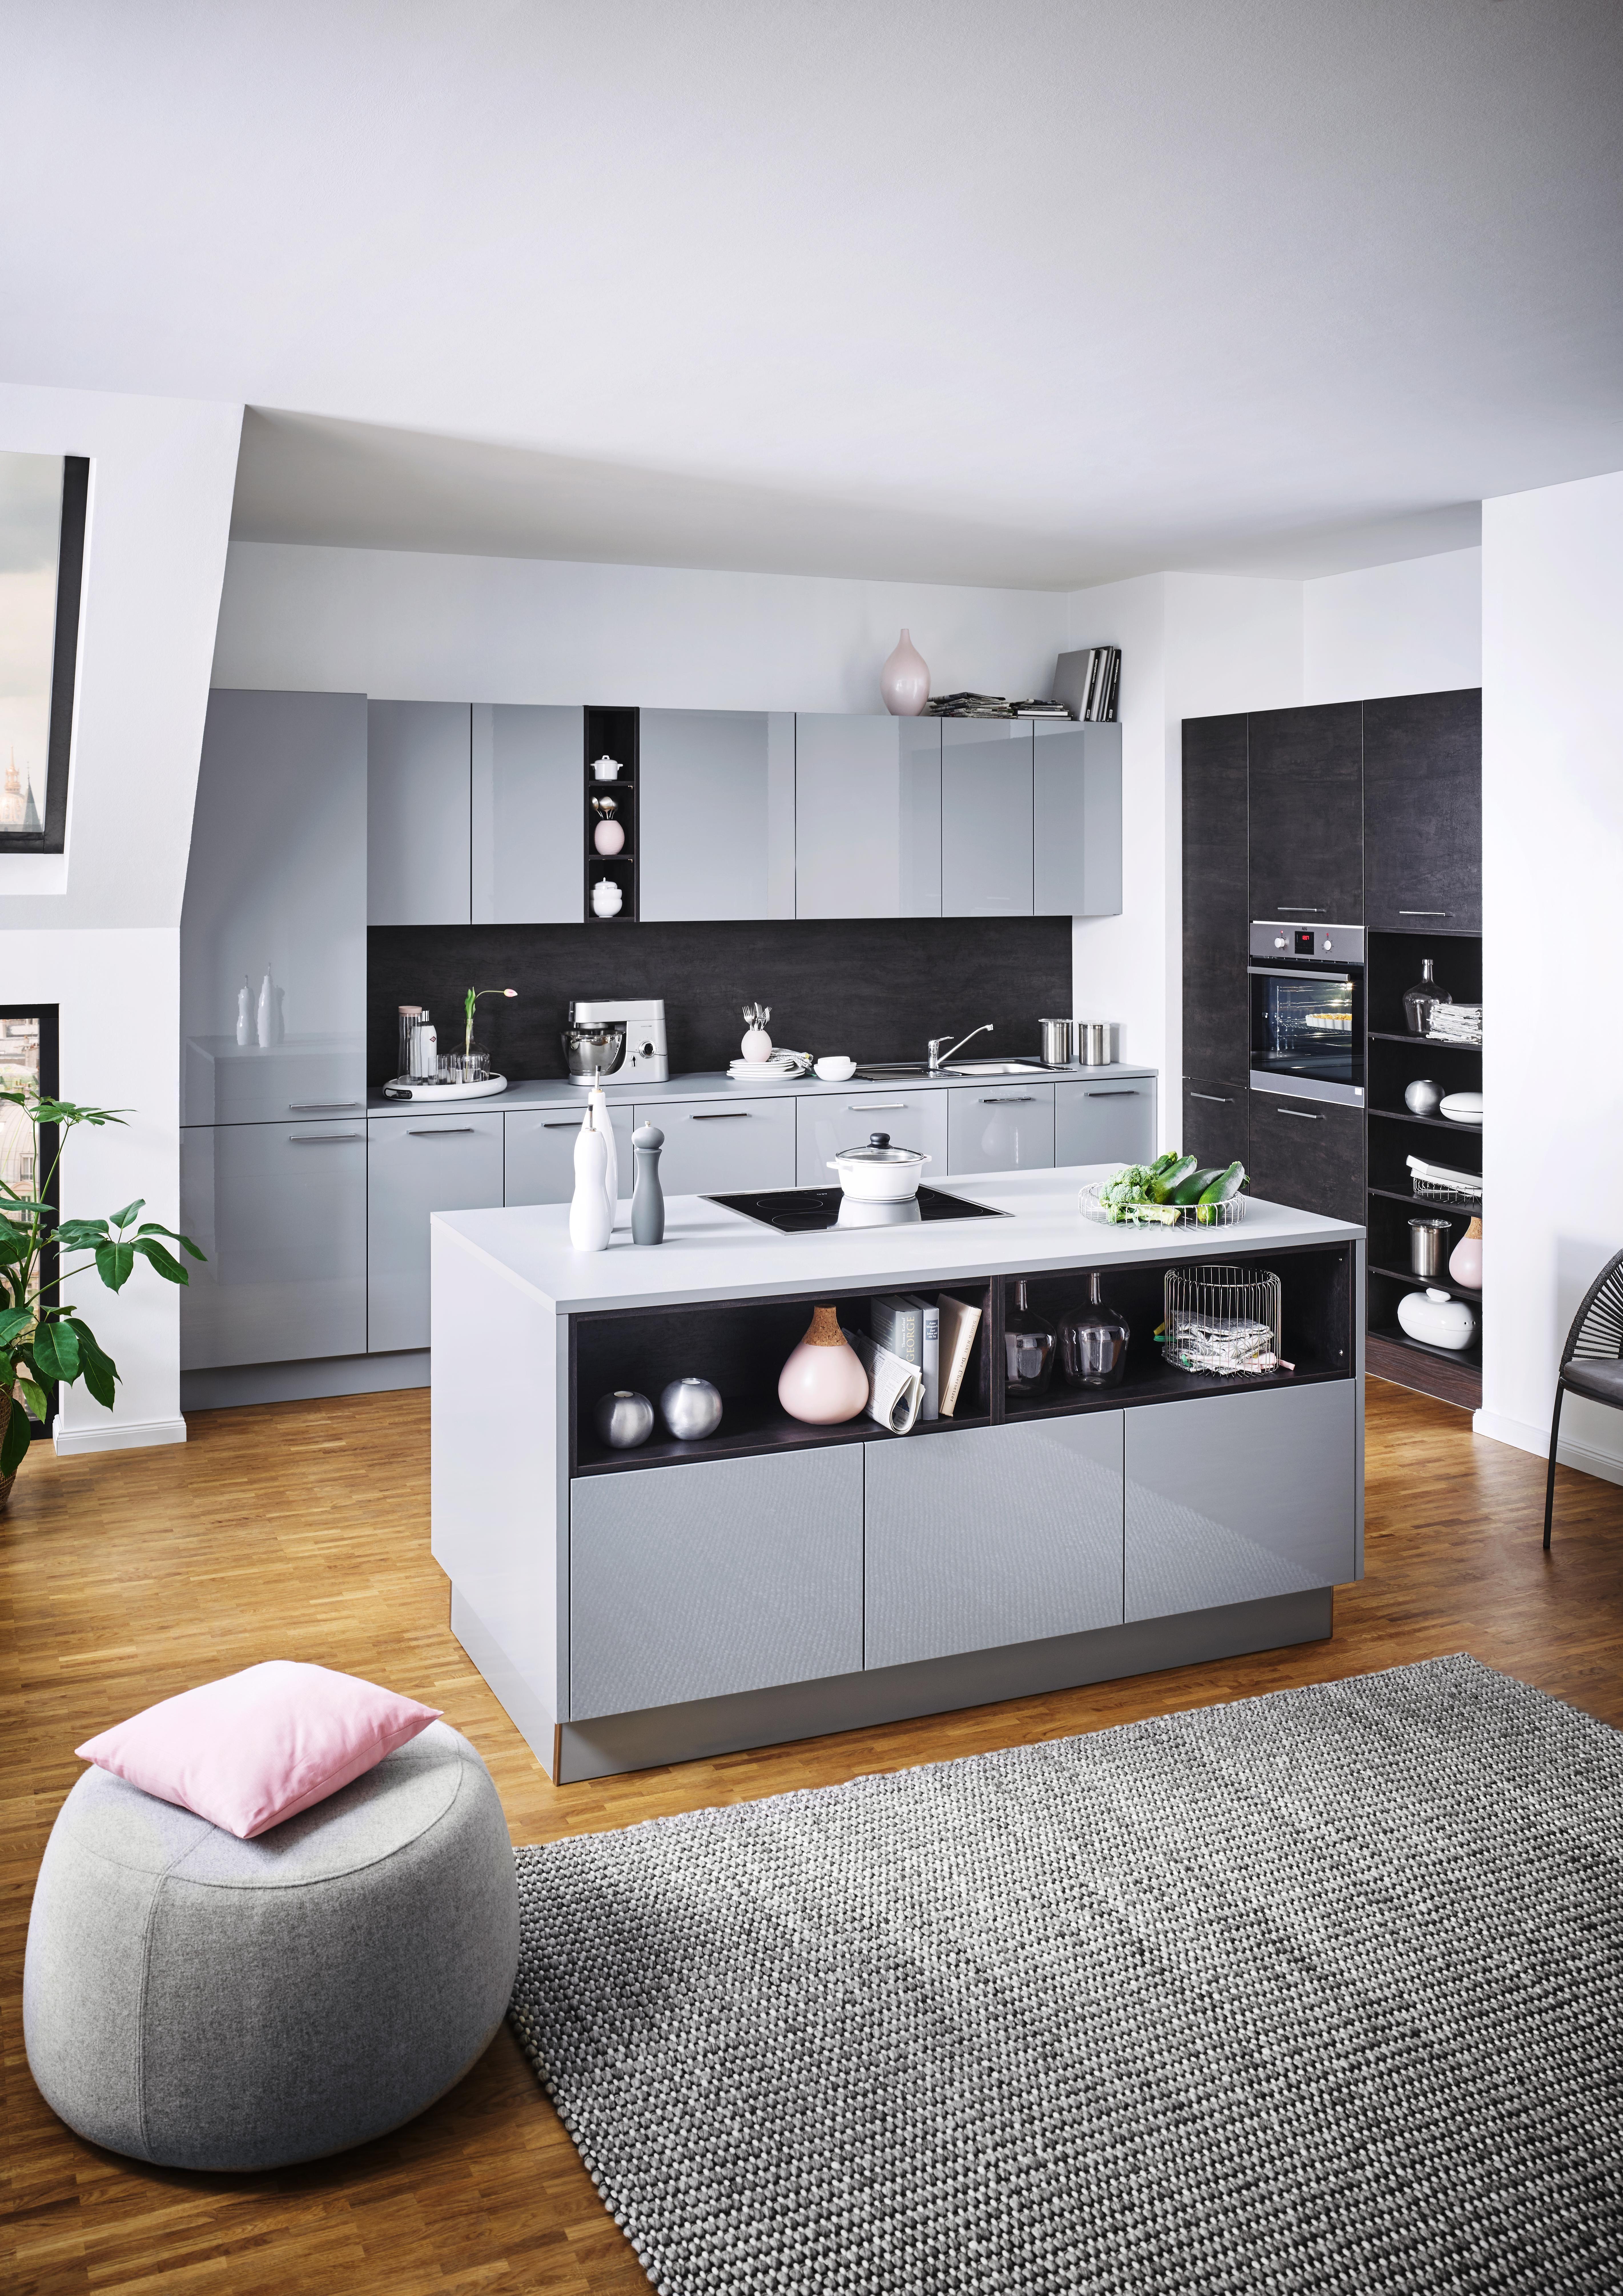 Moderne Kuche Mit Kochinsel In Grau Kuche Mit Kochinsel Moderne Kuche Kuche